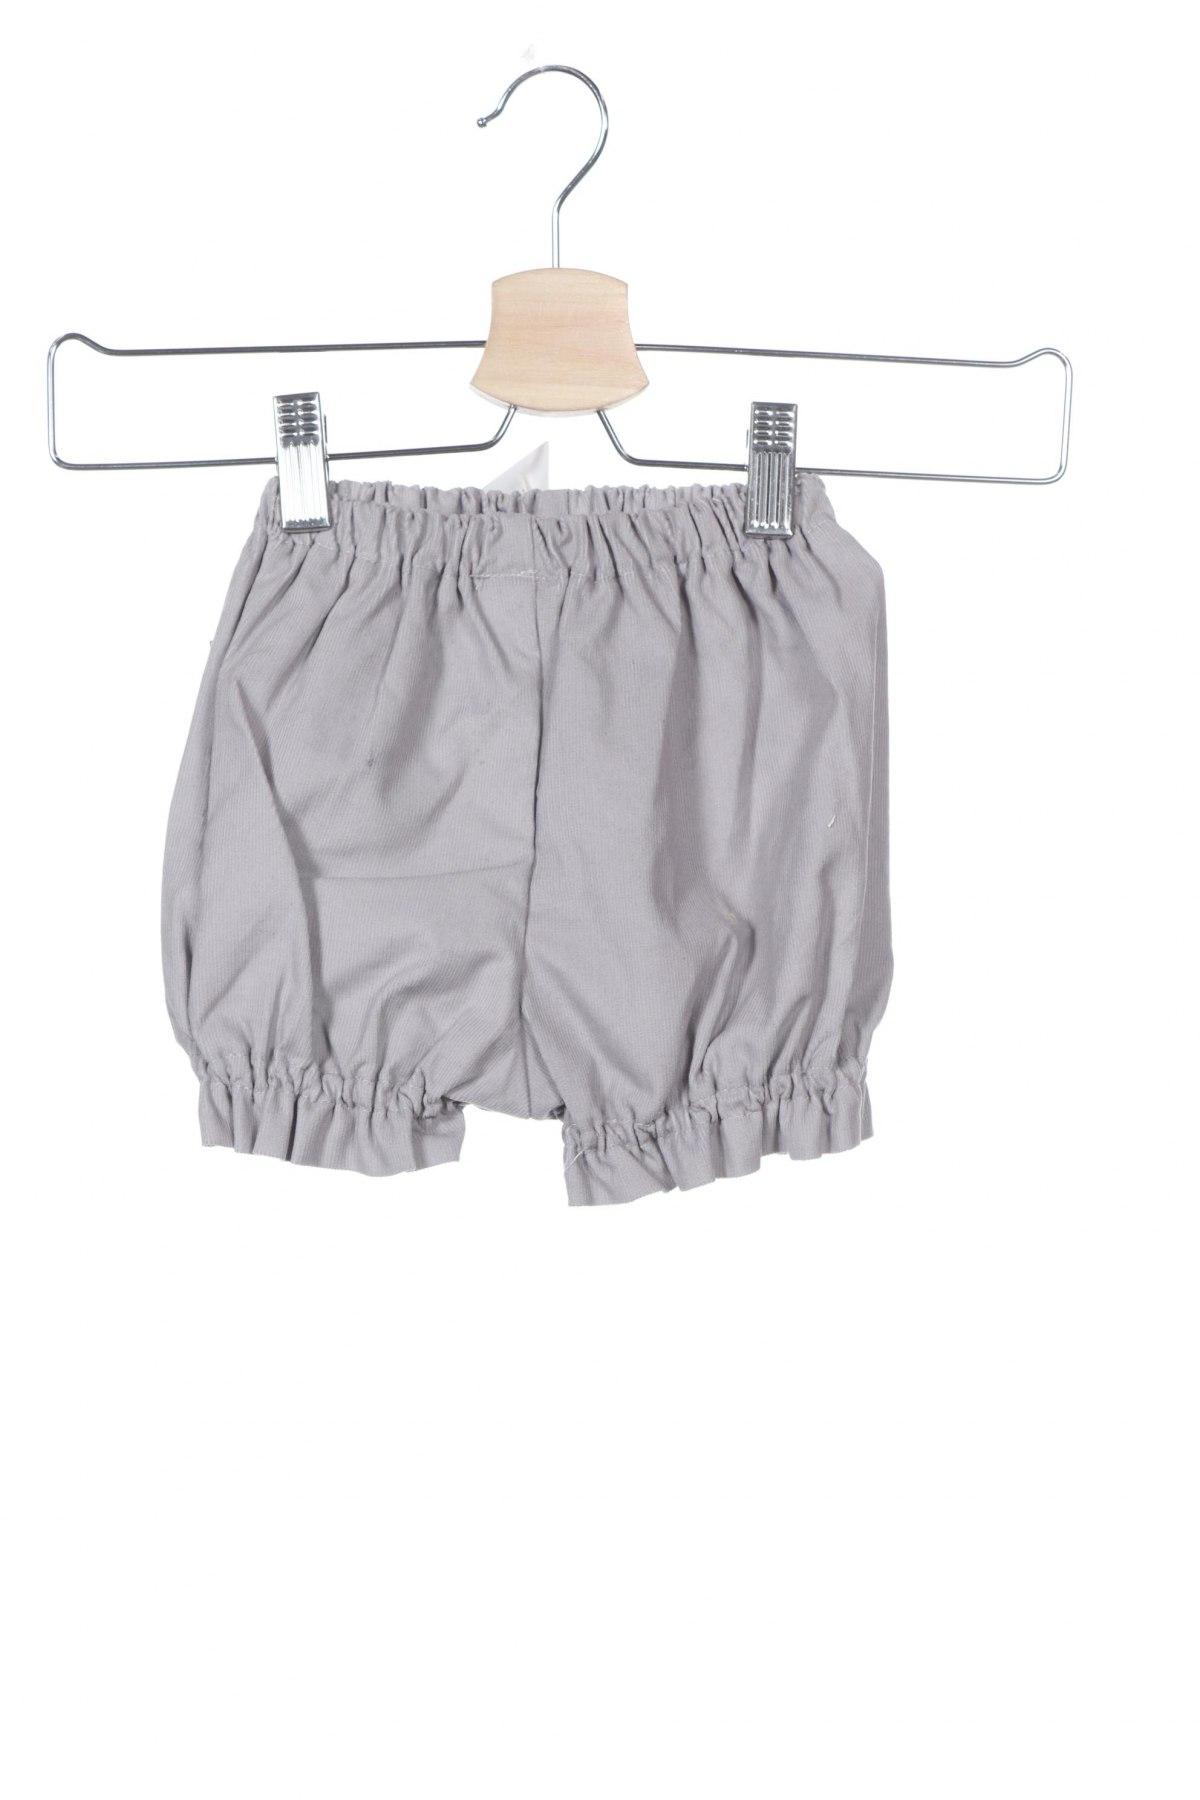 Παιδικό κοντό παντελόνι Lola Palacios, Μέγεθος 3-4y/ 104-110 εκ., Χρώμα Γκρί, Βαμβάκι, Τιμή 8,77€